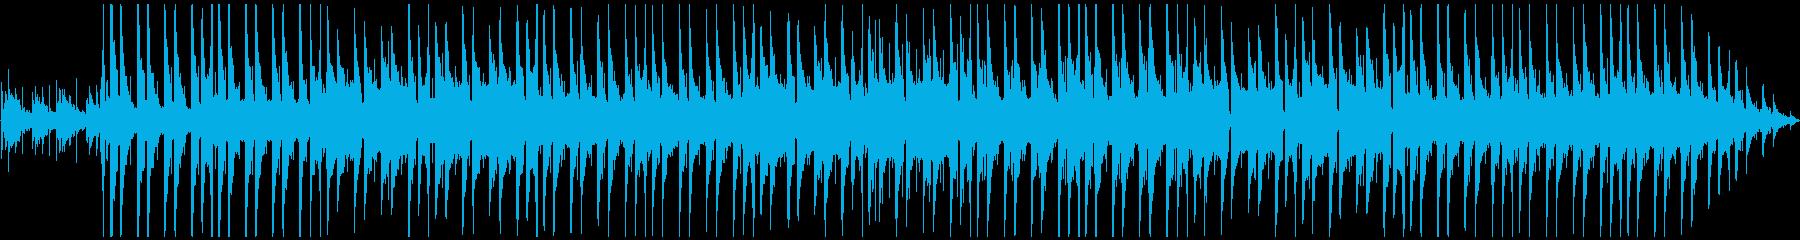 力強い、ゆったりめの曲です。の再生済みの波形